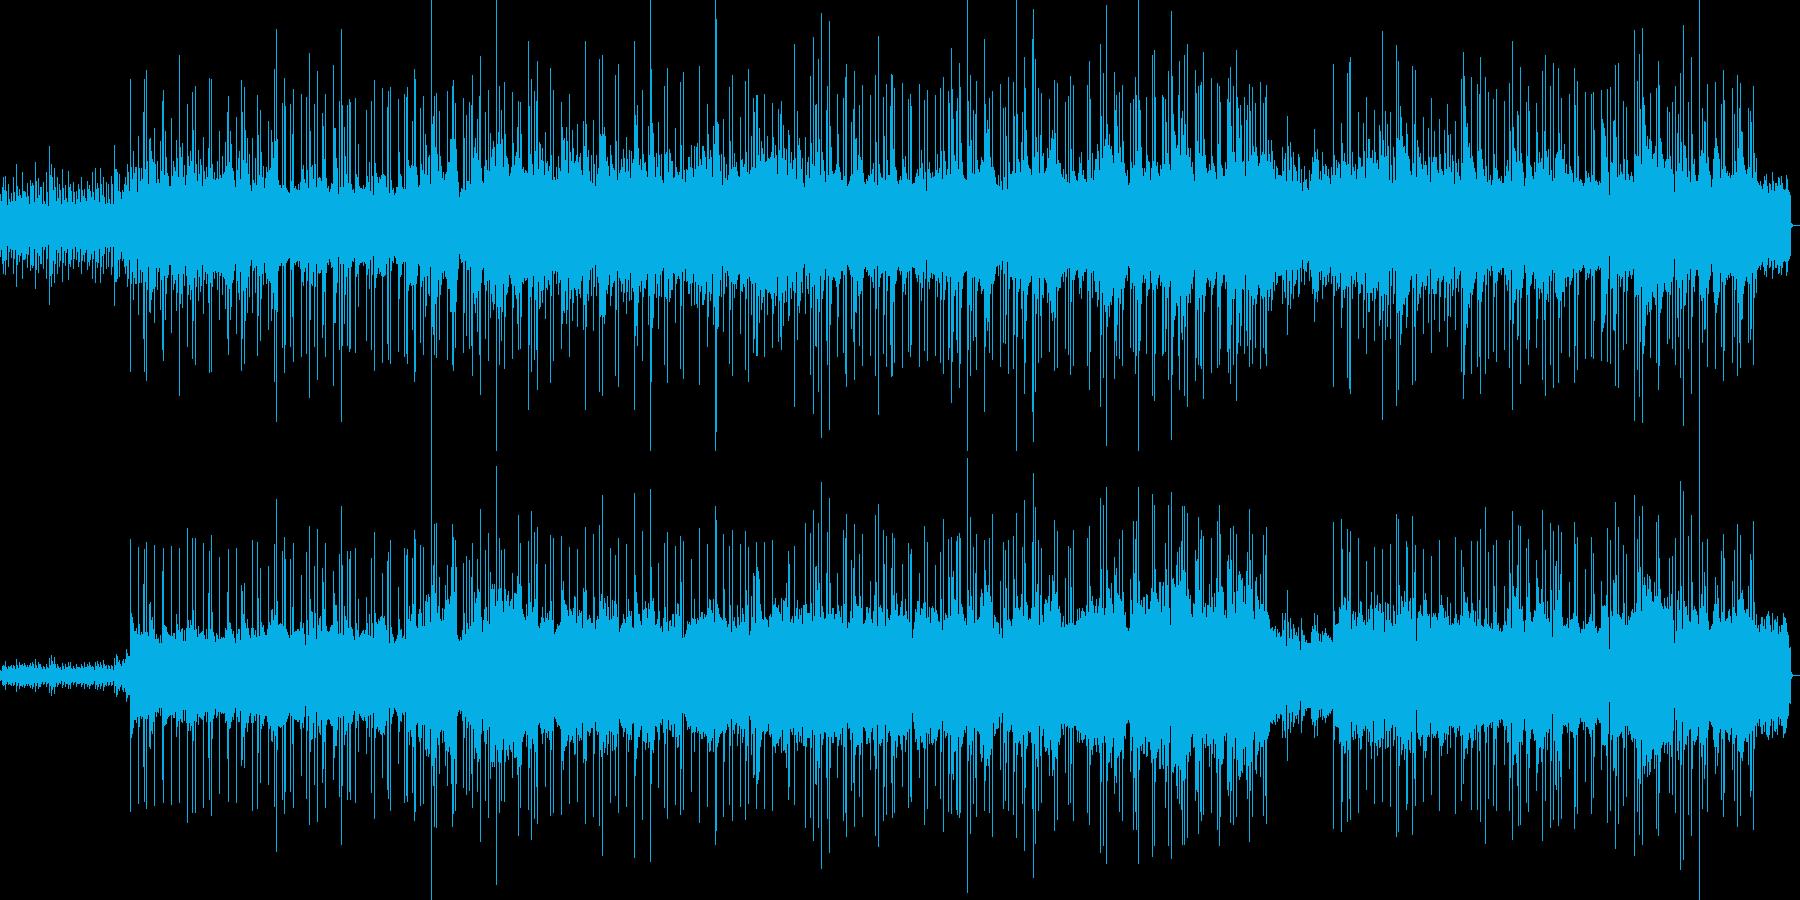 おしゃれでまったりしたメロディーの再生済みの波形